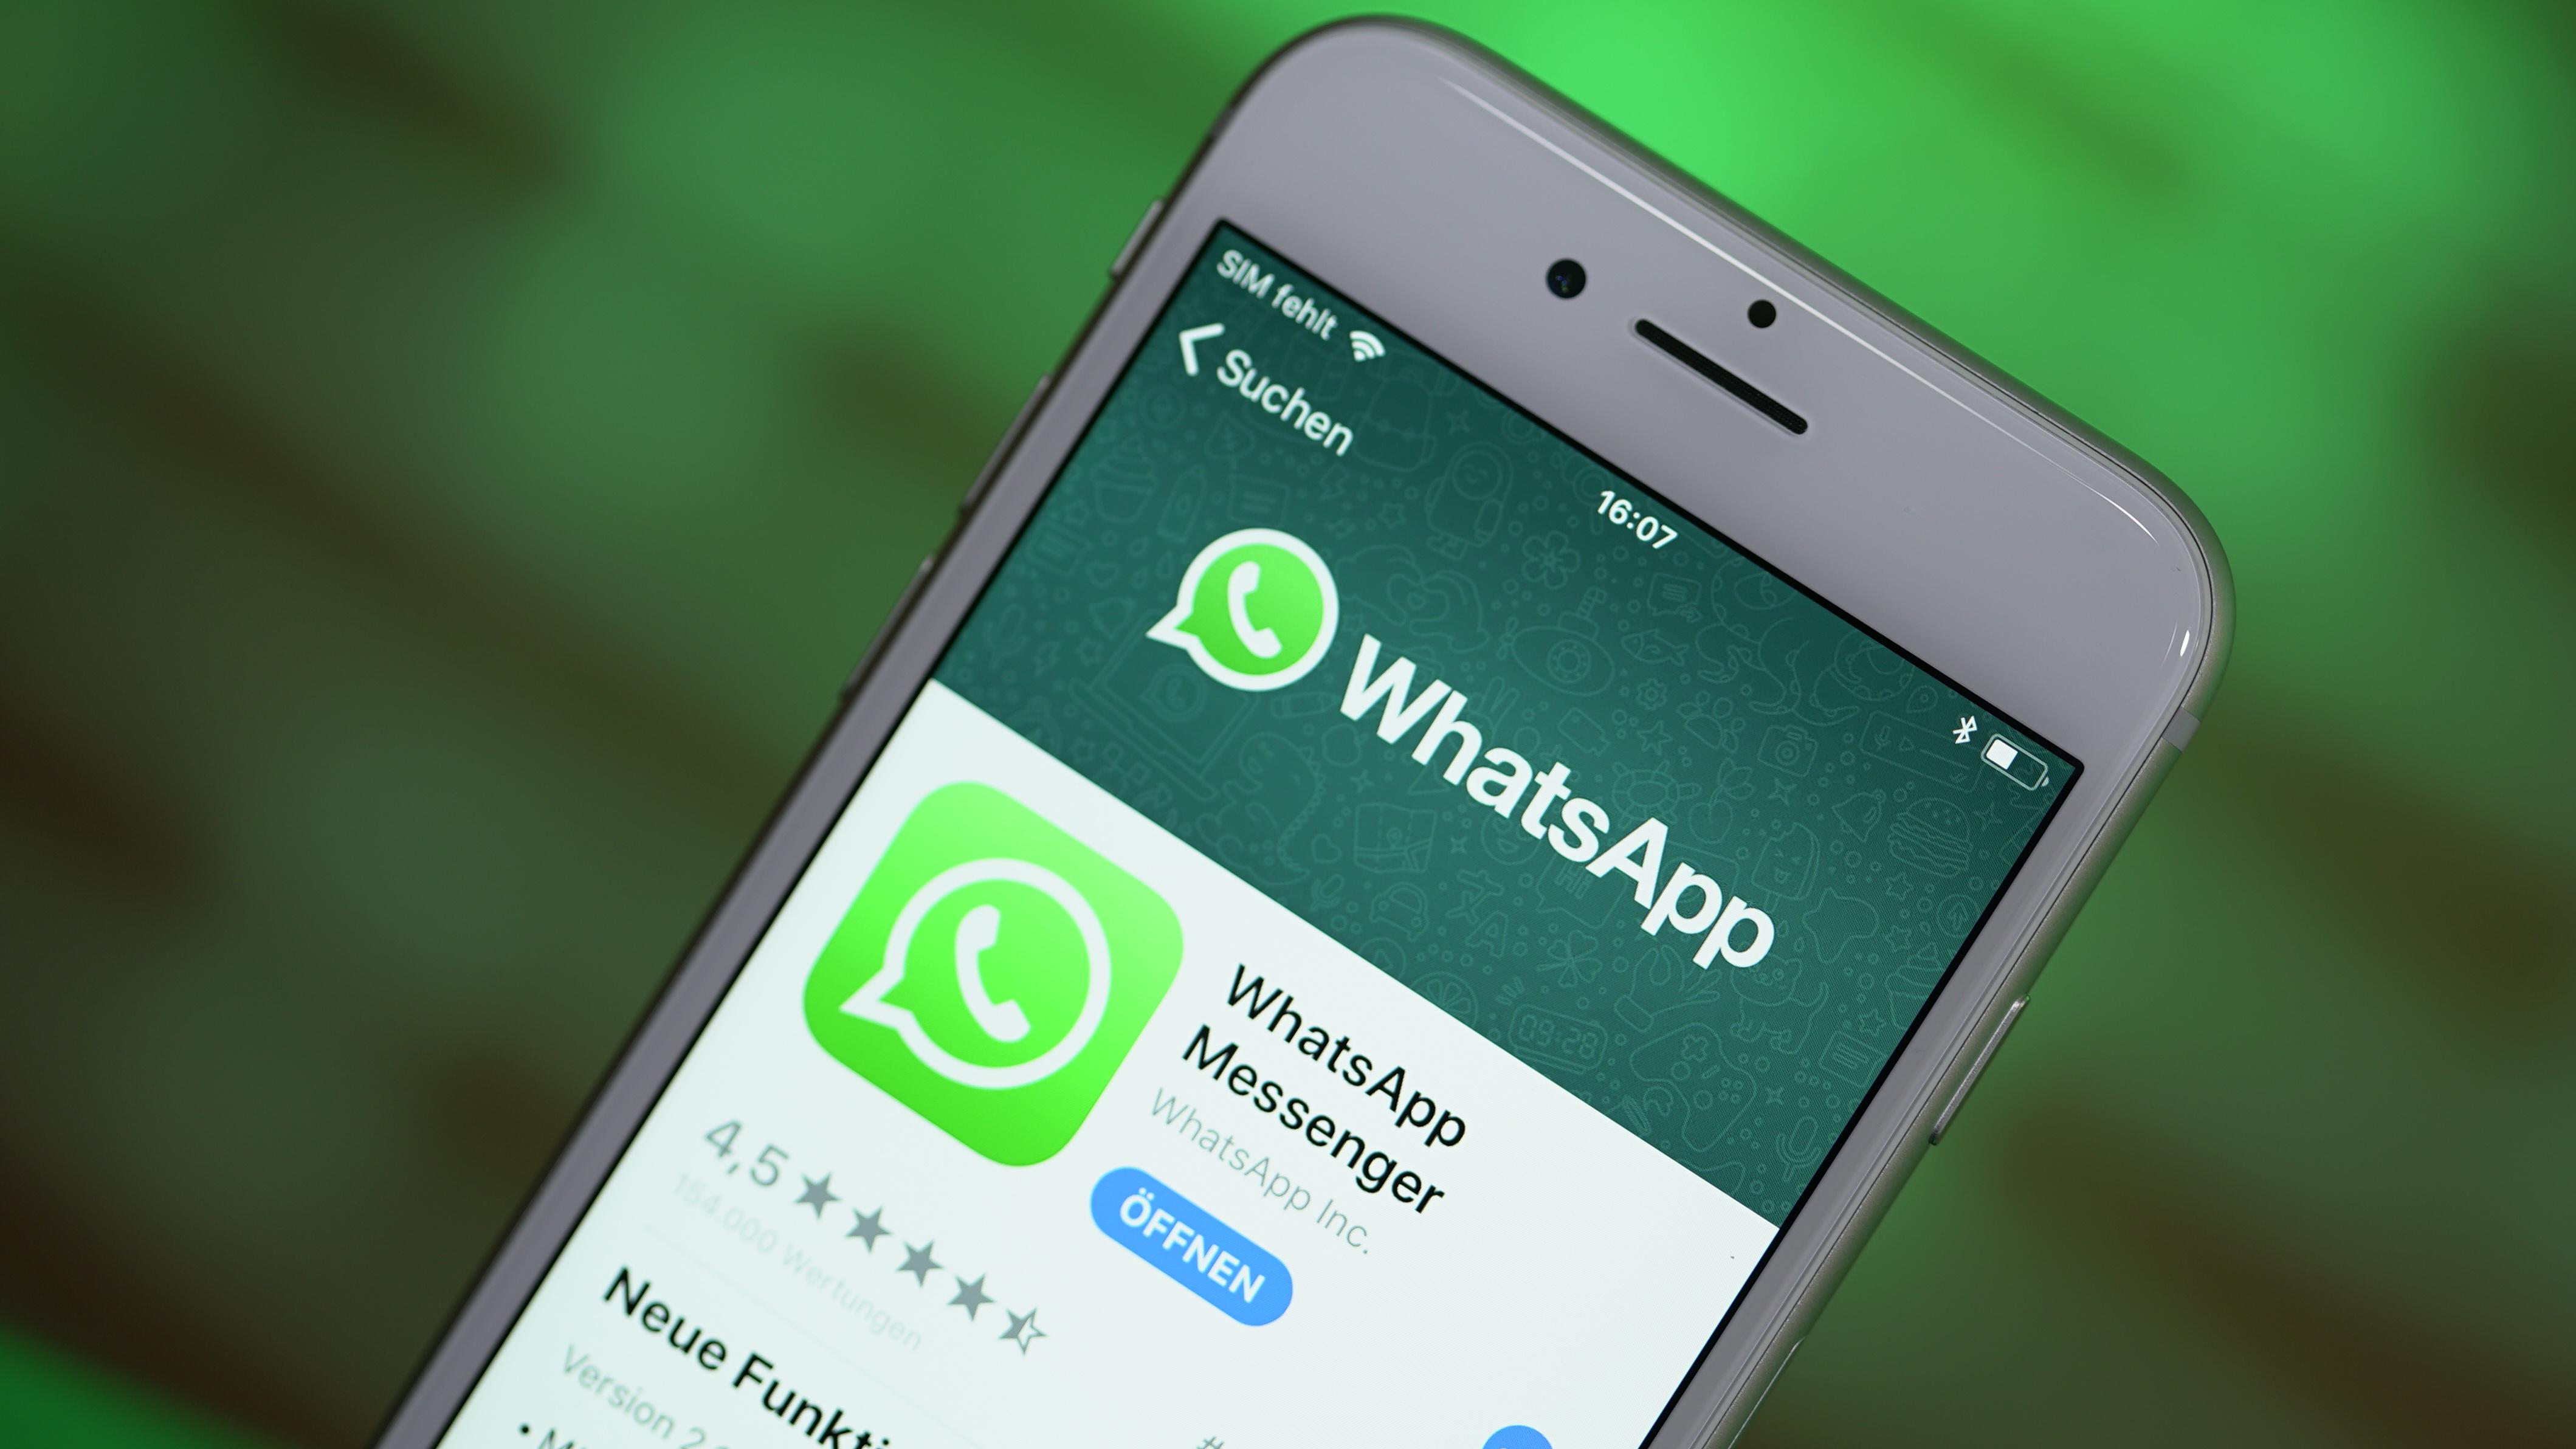 whatsapp lesen ohne zu öffnen